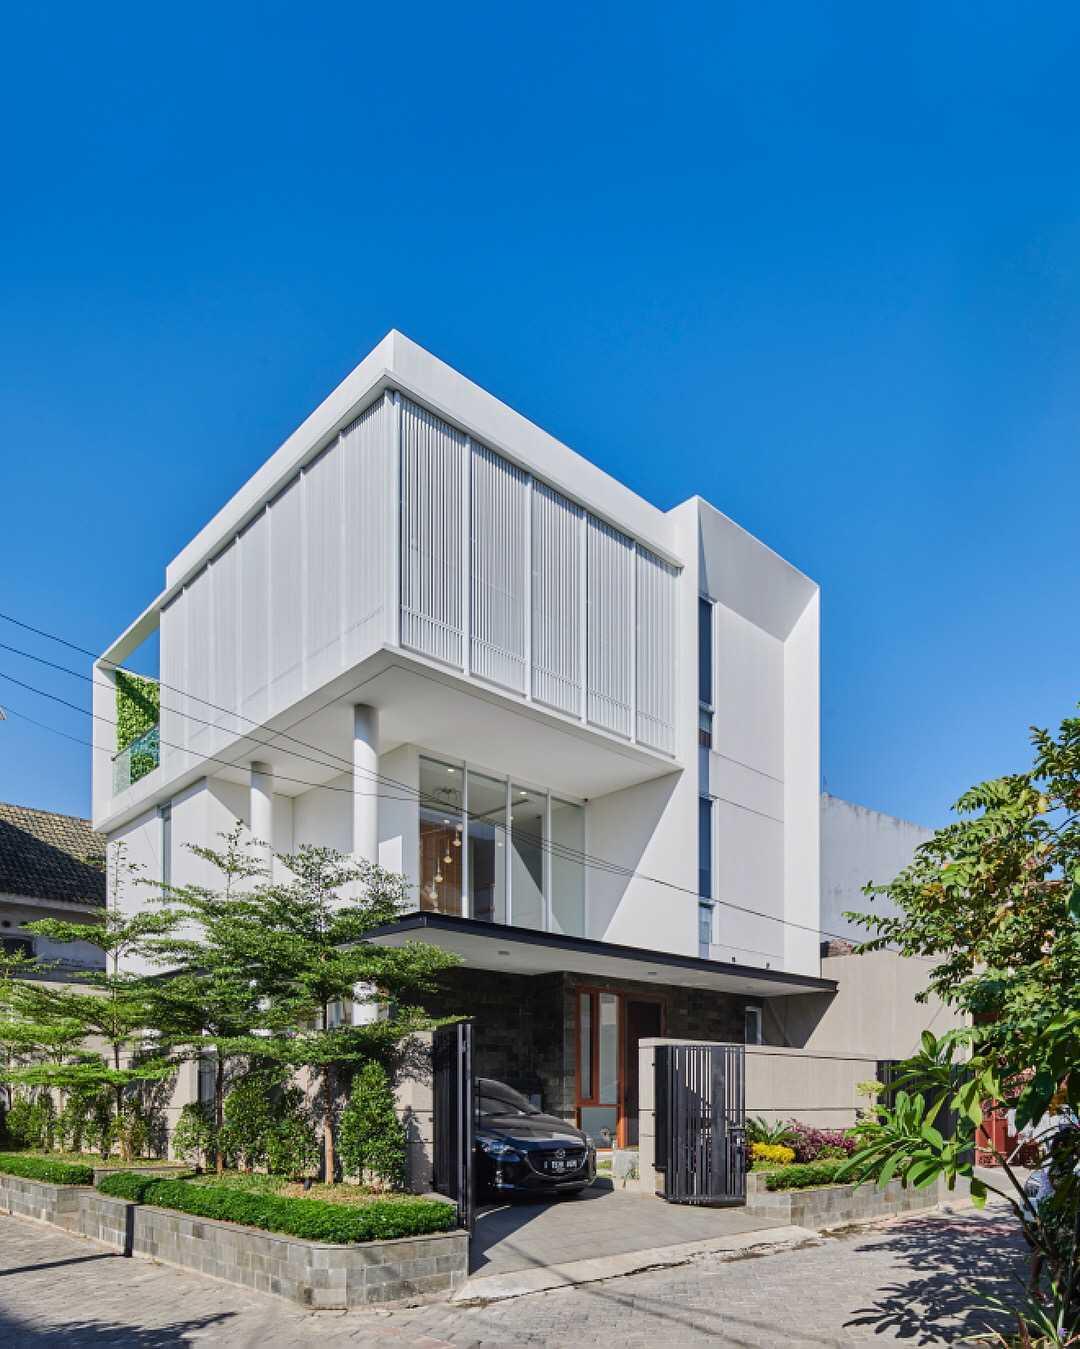 Co Associates B House Jalan Poris Indah, Cipondoh, Rt.1/rw.4, Cipondoh Indah, Tangerang, Cipondoh Indah, Cipondoh, Kota Tangerang, Banten 15122, Indonesia Jalan Poris Indah, Cipondoh, Rt.1/rw.4, Cipondoh Indah, Tangerang, Cipondoh Indah, Cipondoh, Kota Tangerang, Banten 15122, Indonesia Co-Associates-B-House  59082